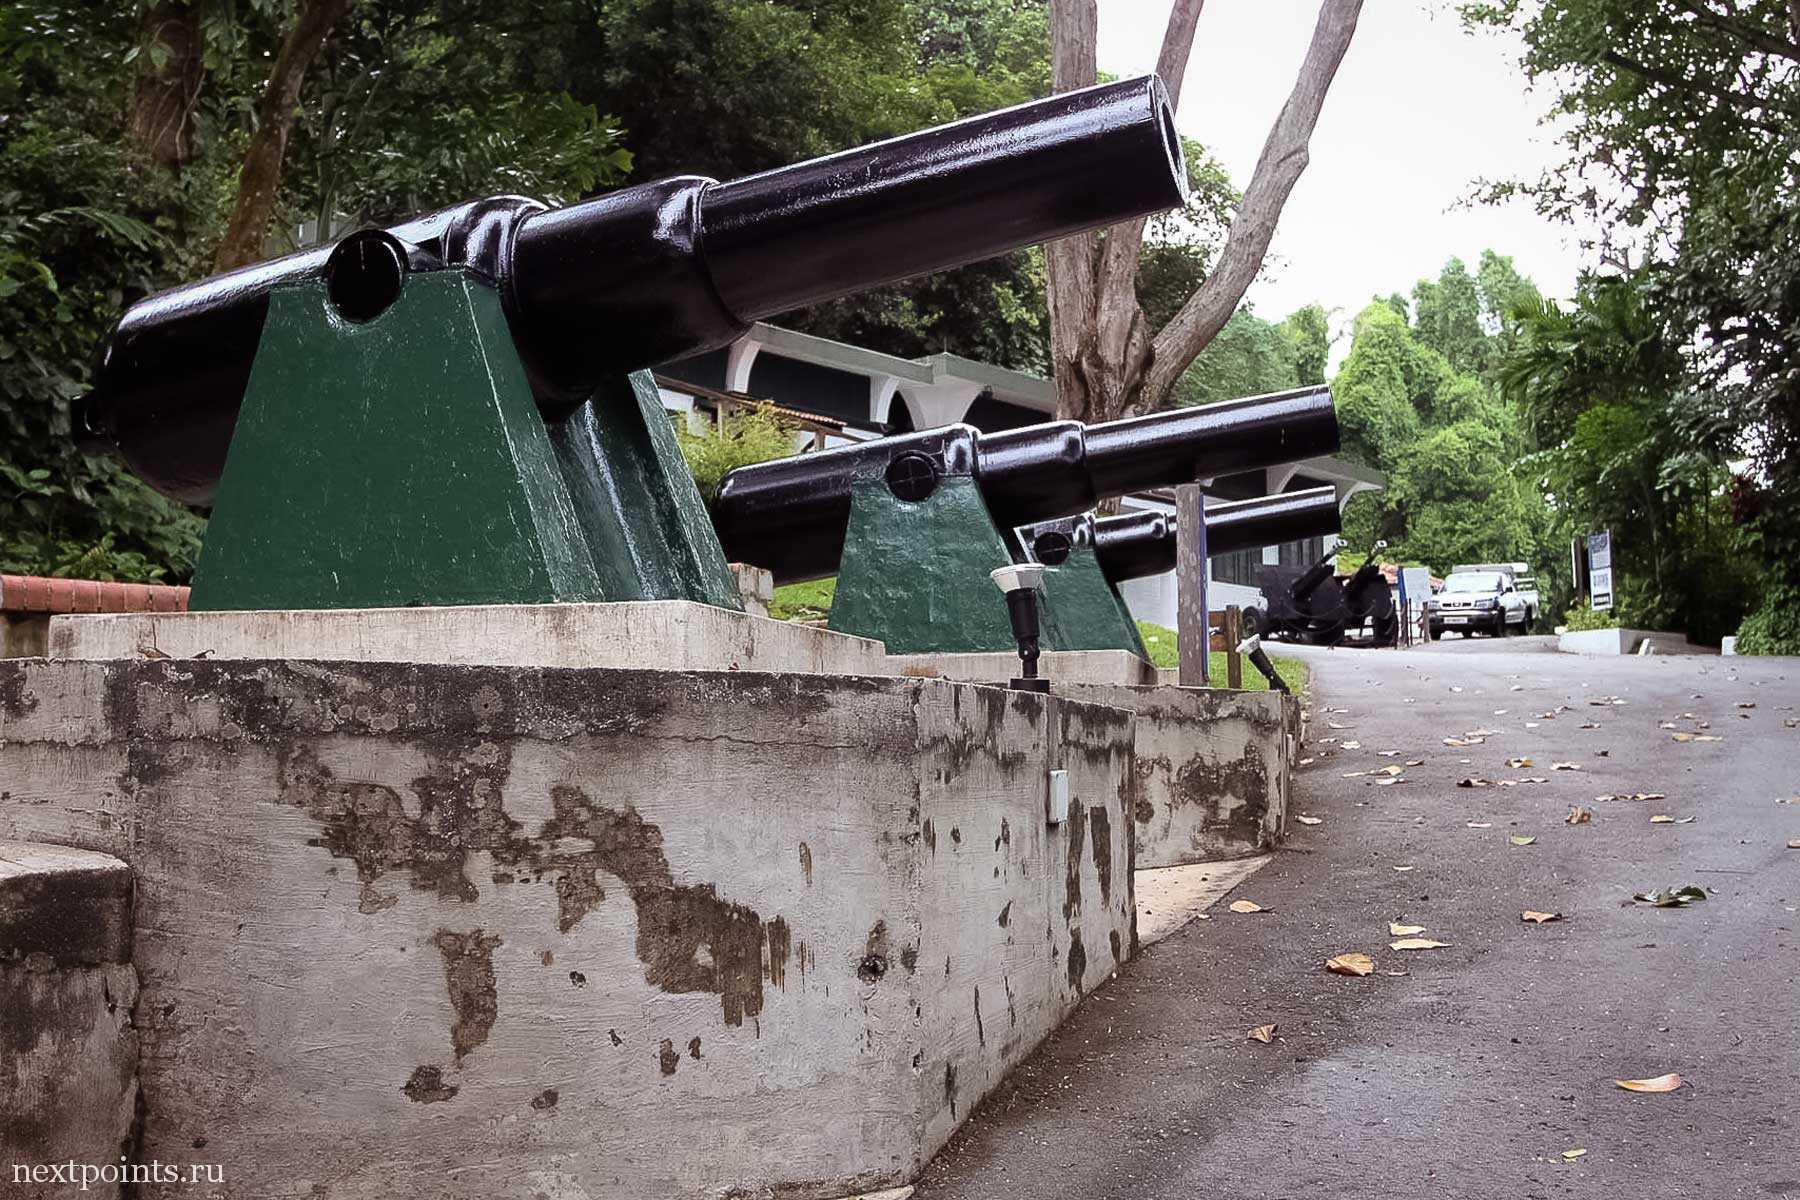 Пушки в музее оружия в Форте Силосо (Siloso) на Сентозе (Sentosa)